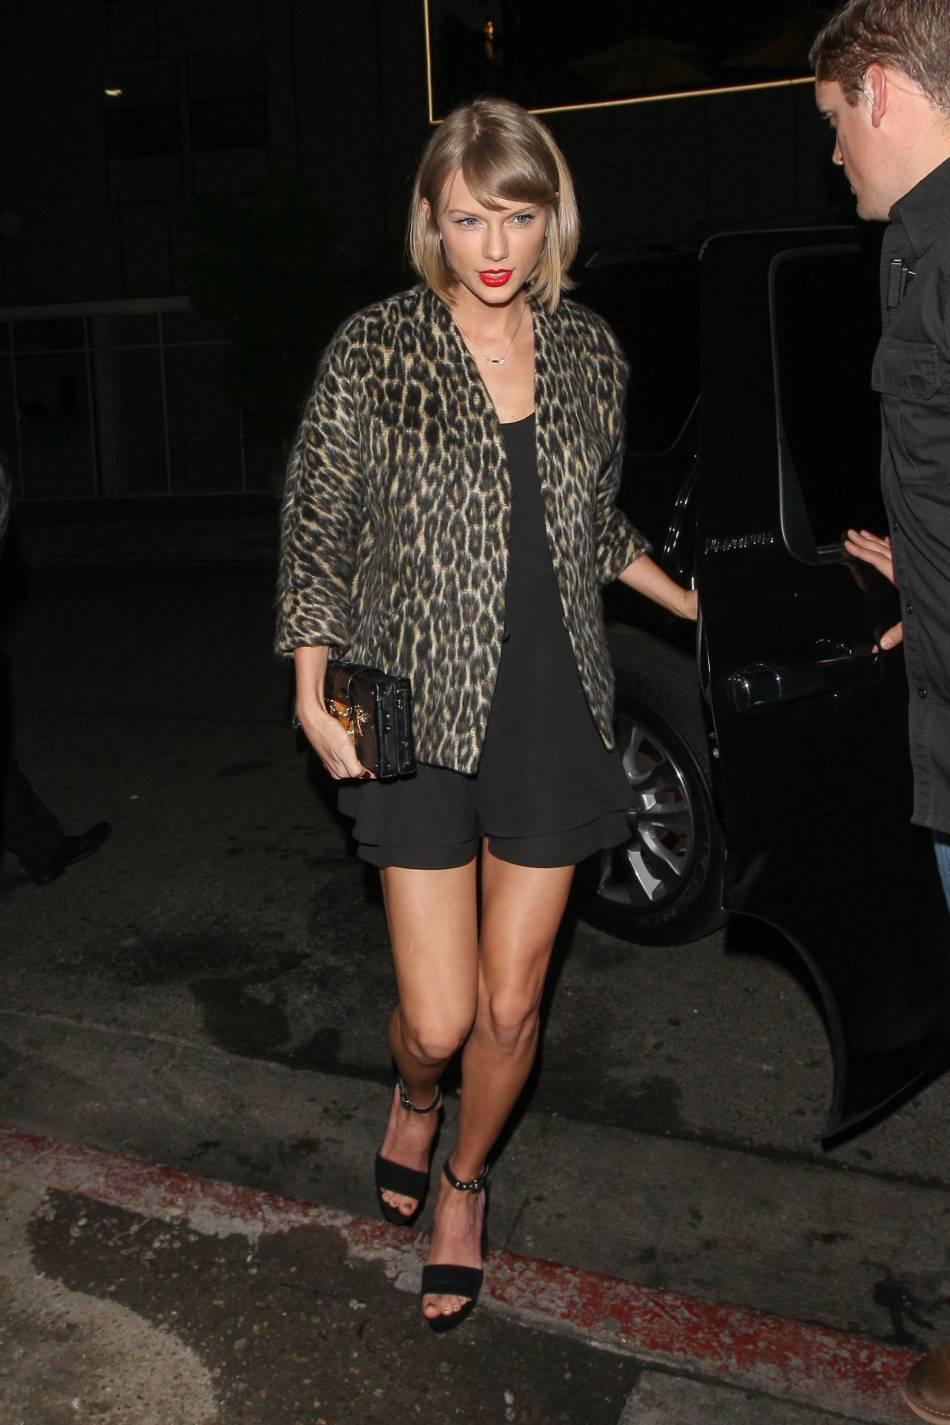 Veste léopard et petite robe noire, Taylor Swift ose désormais les looks plus sexy.